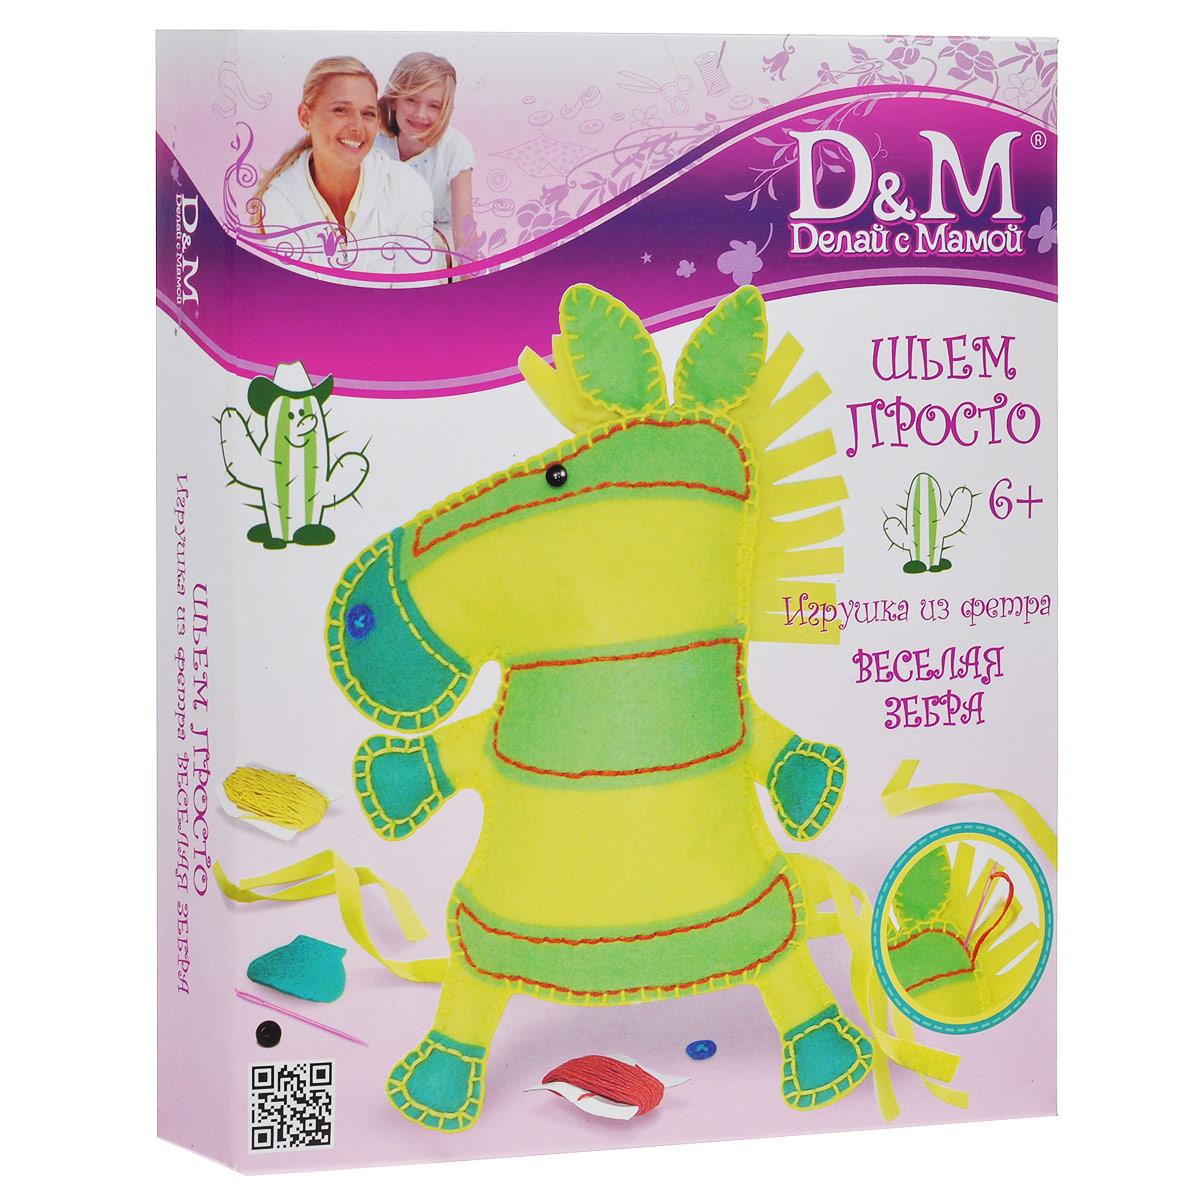 Купить Набор для создания игрушки D&M Лошадка , Revontuli Toys Oy, Игрушки своими руками